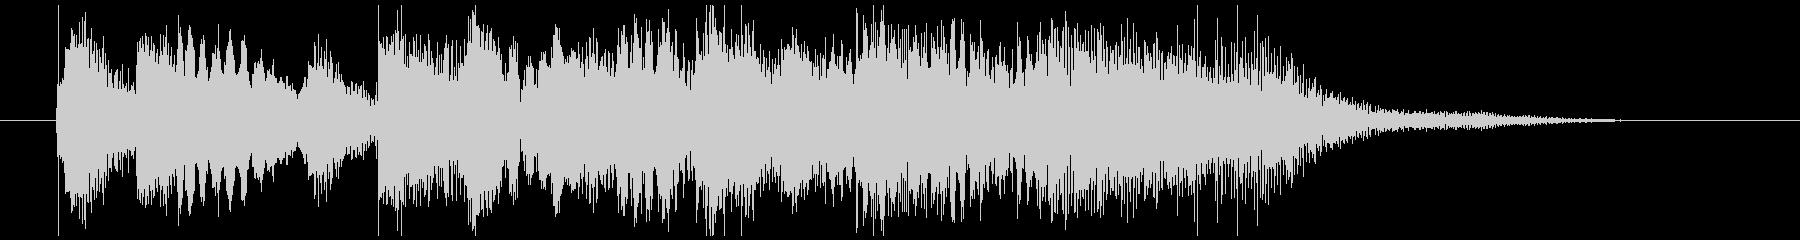 短調バロック風ジングル(オーケストラ)の未再生の波形